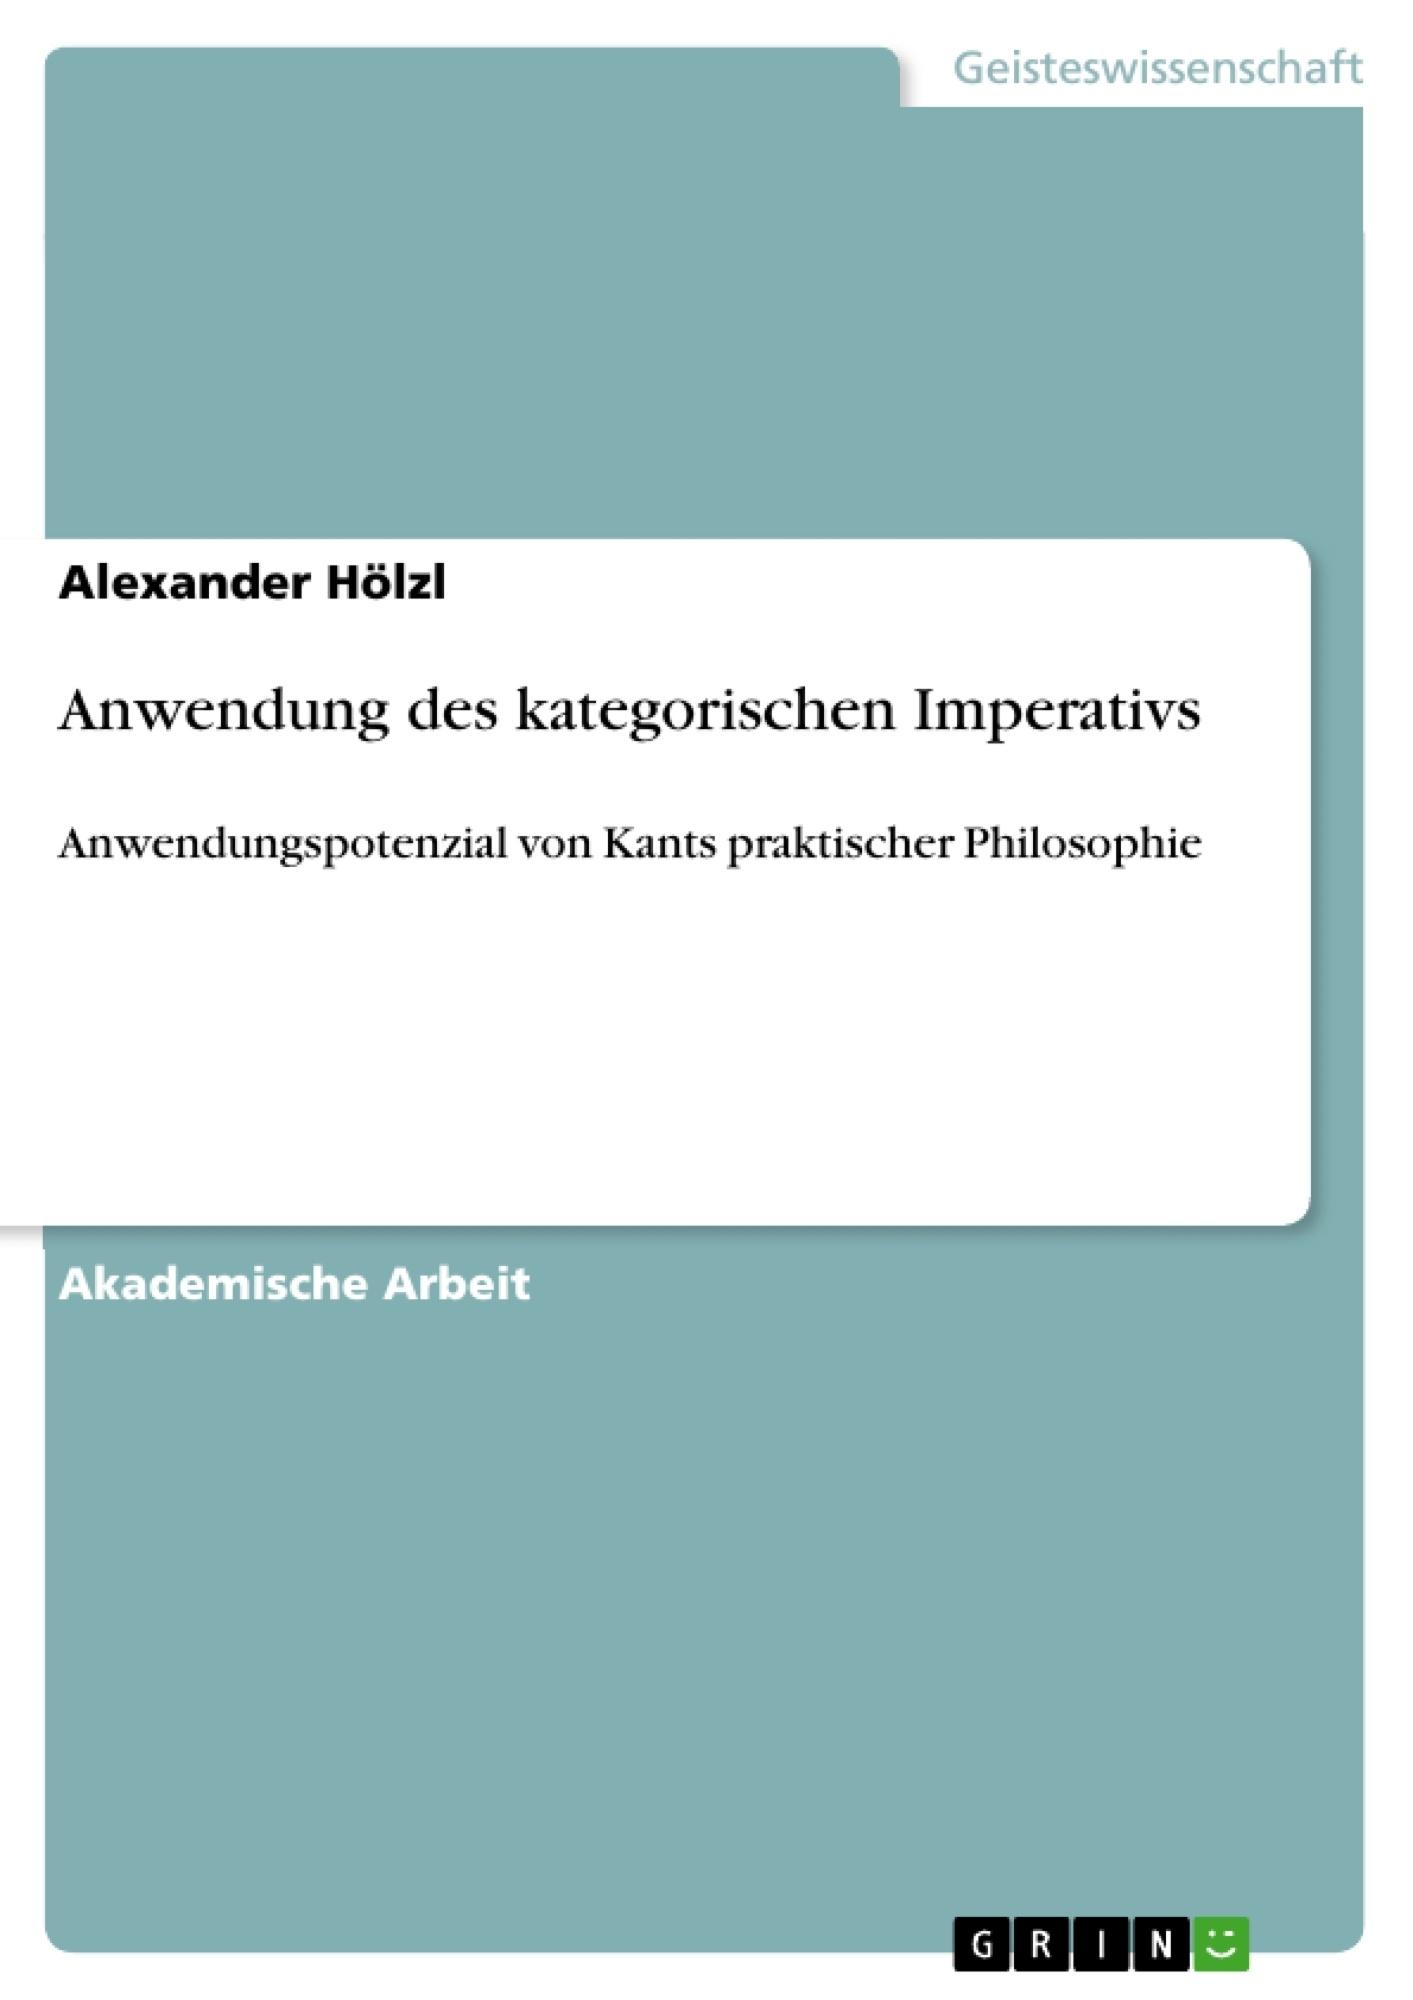 Titel: Anwendung des kategorischen Imperativs